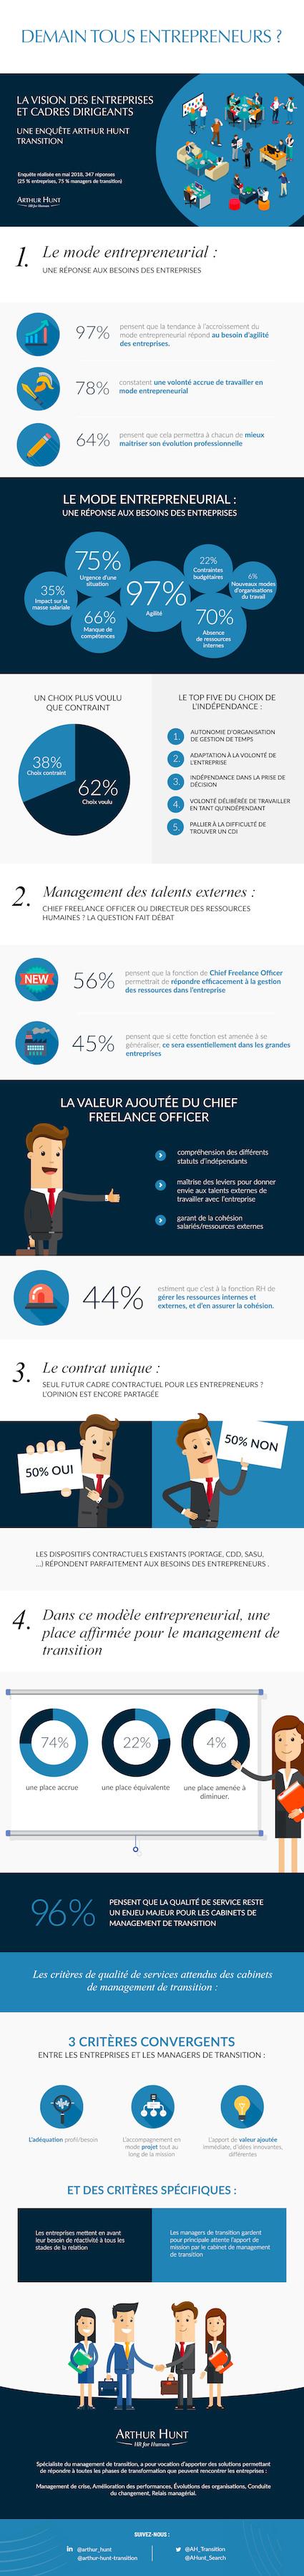 Vision des entreprises et cadres